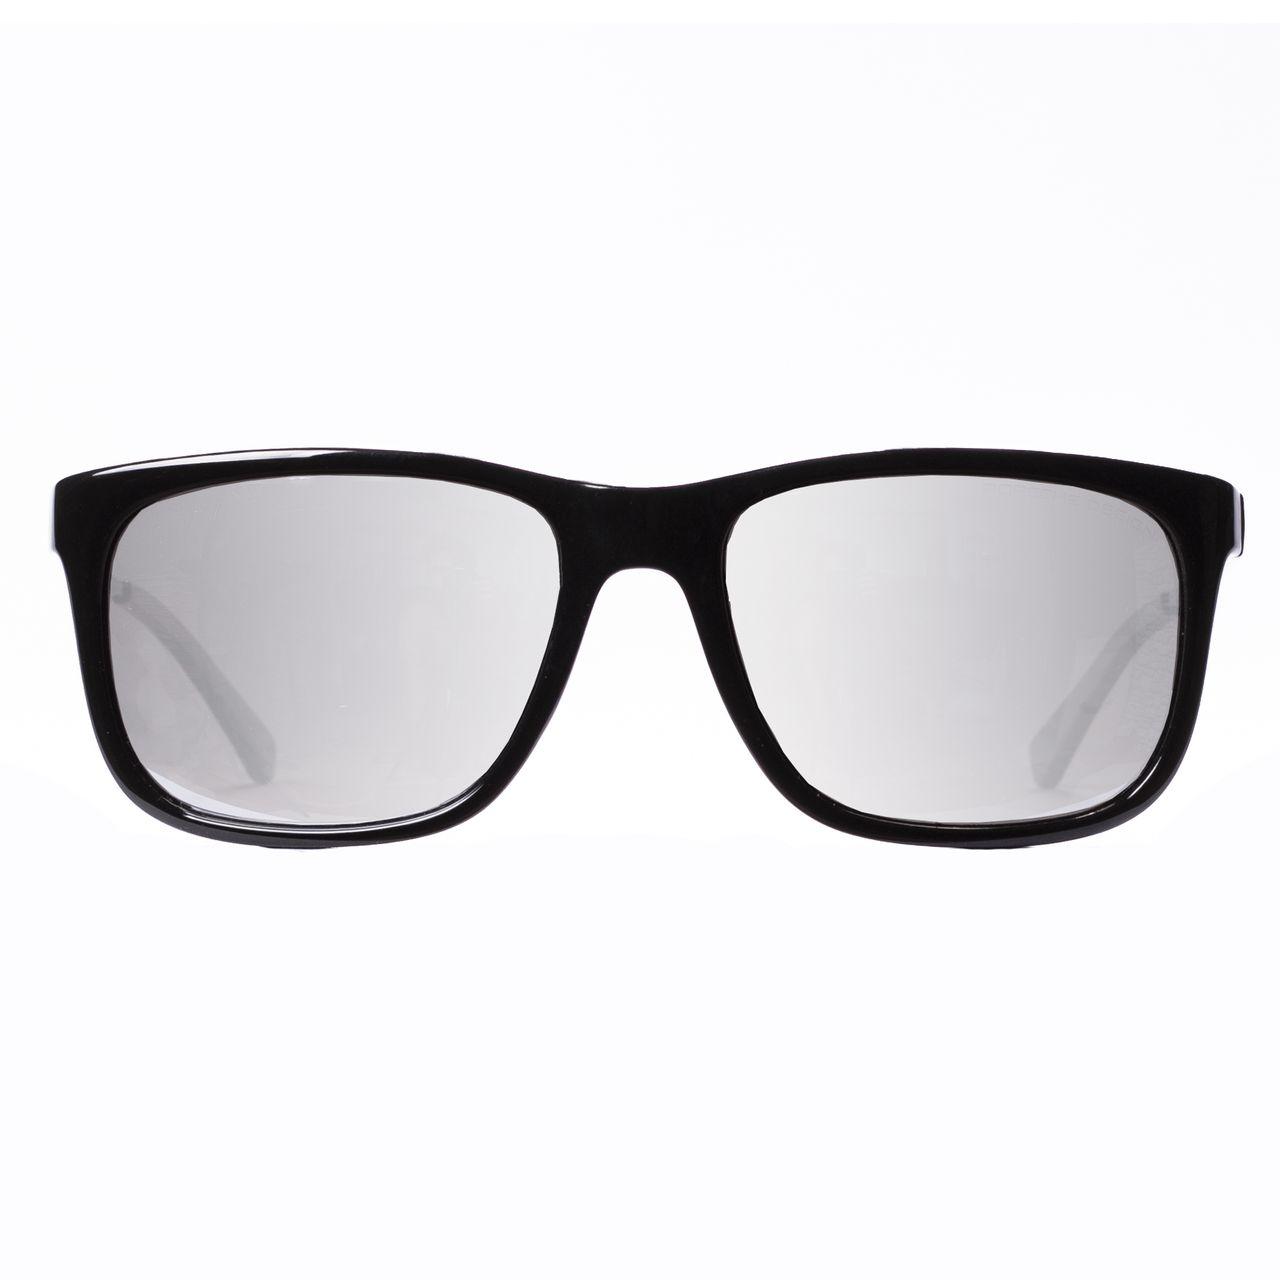 عینک آفتابی پورش دیزاین مدل P8217